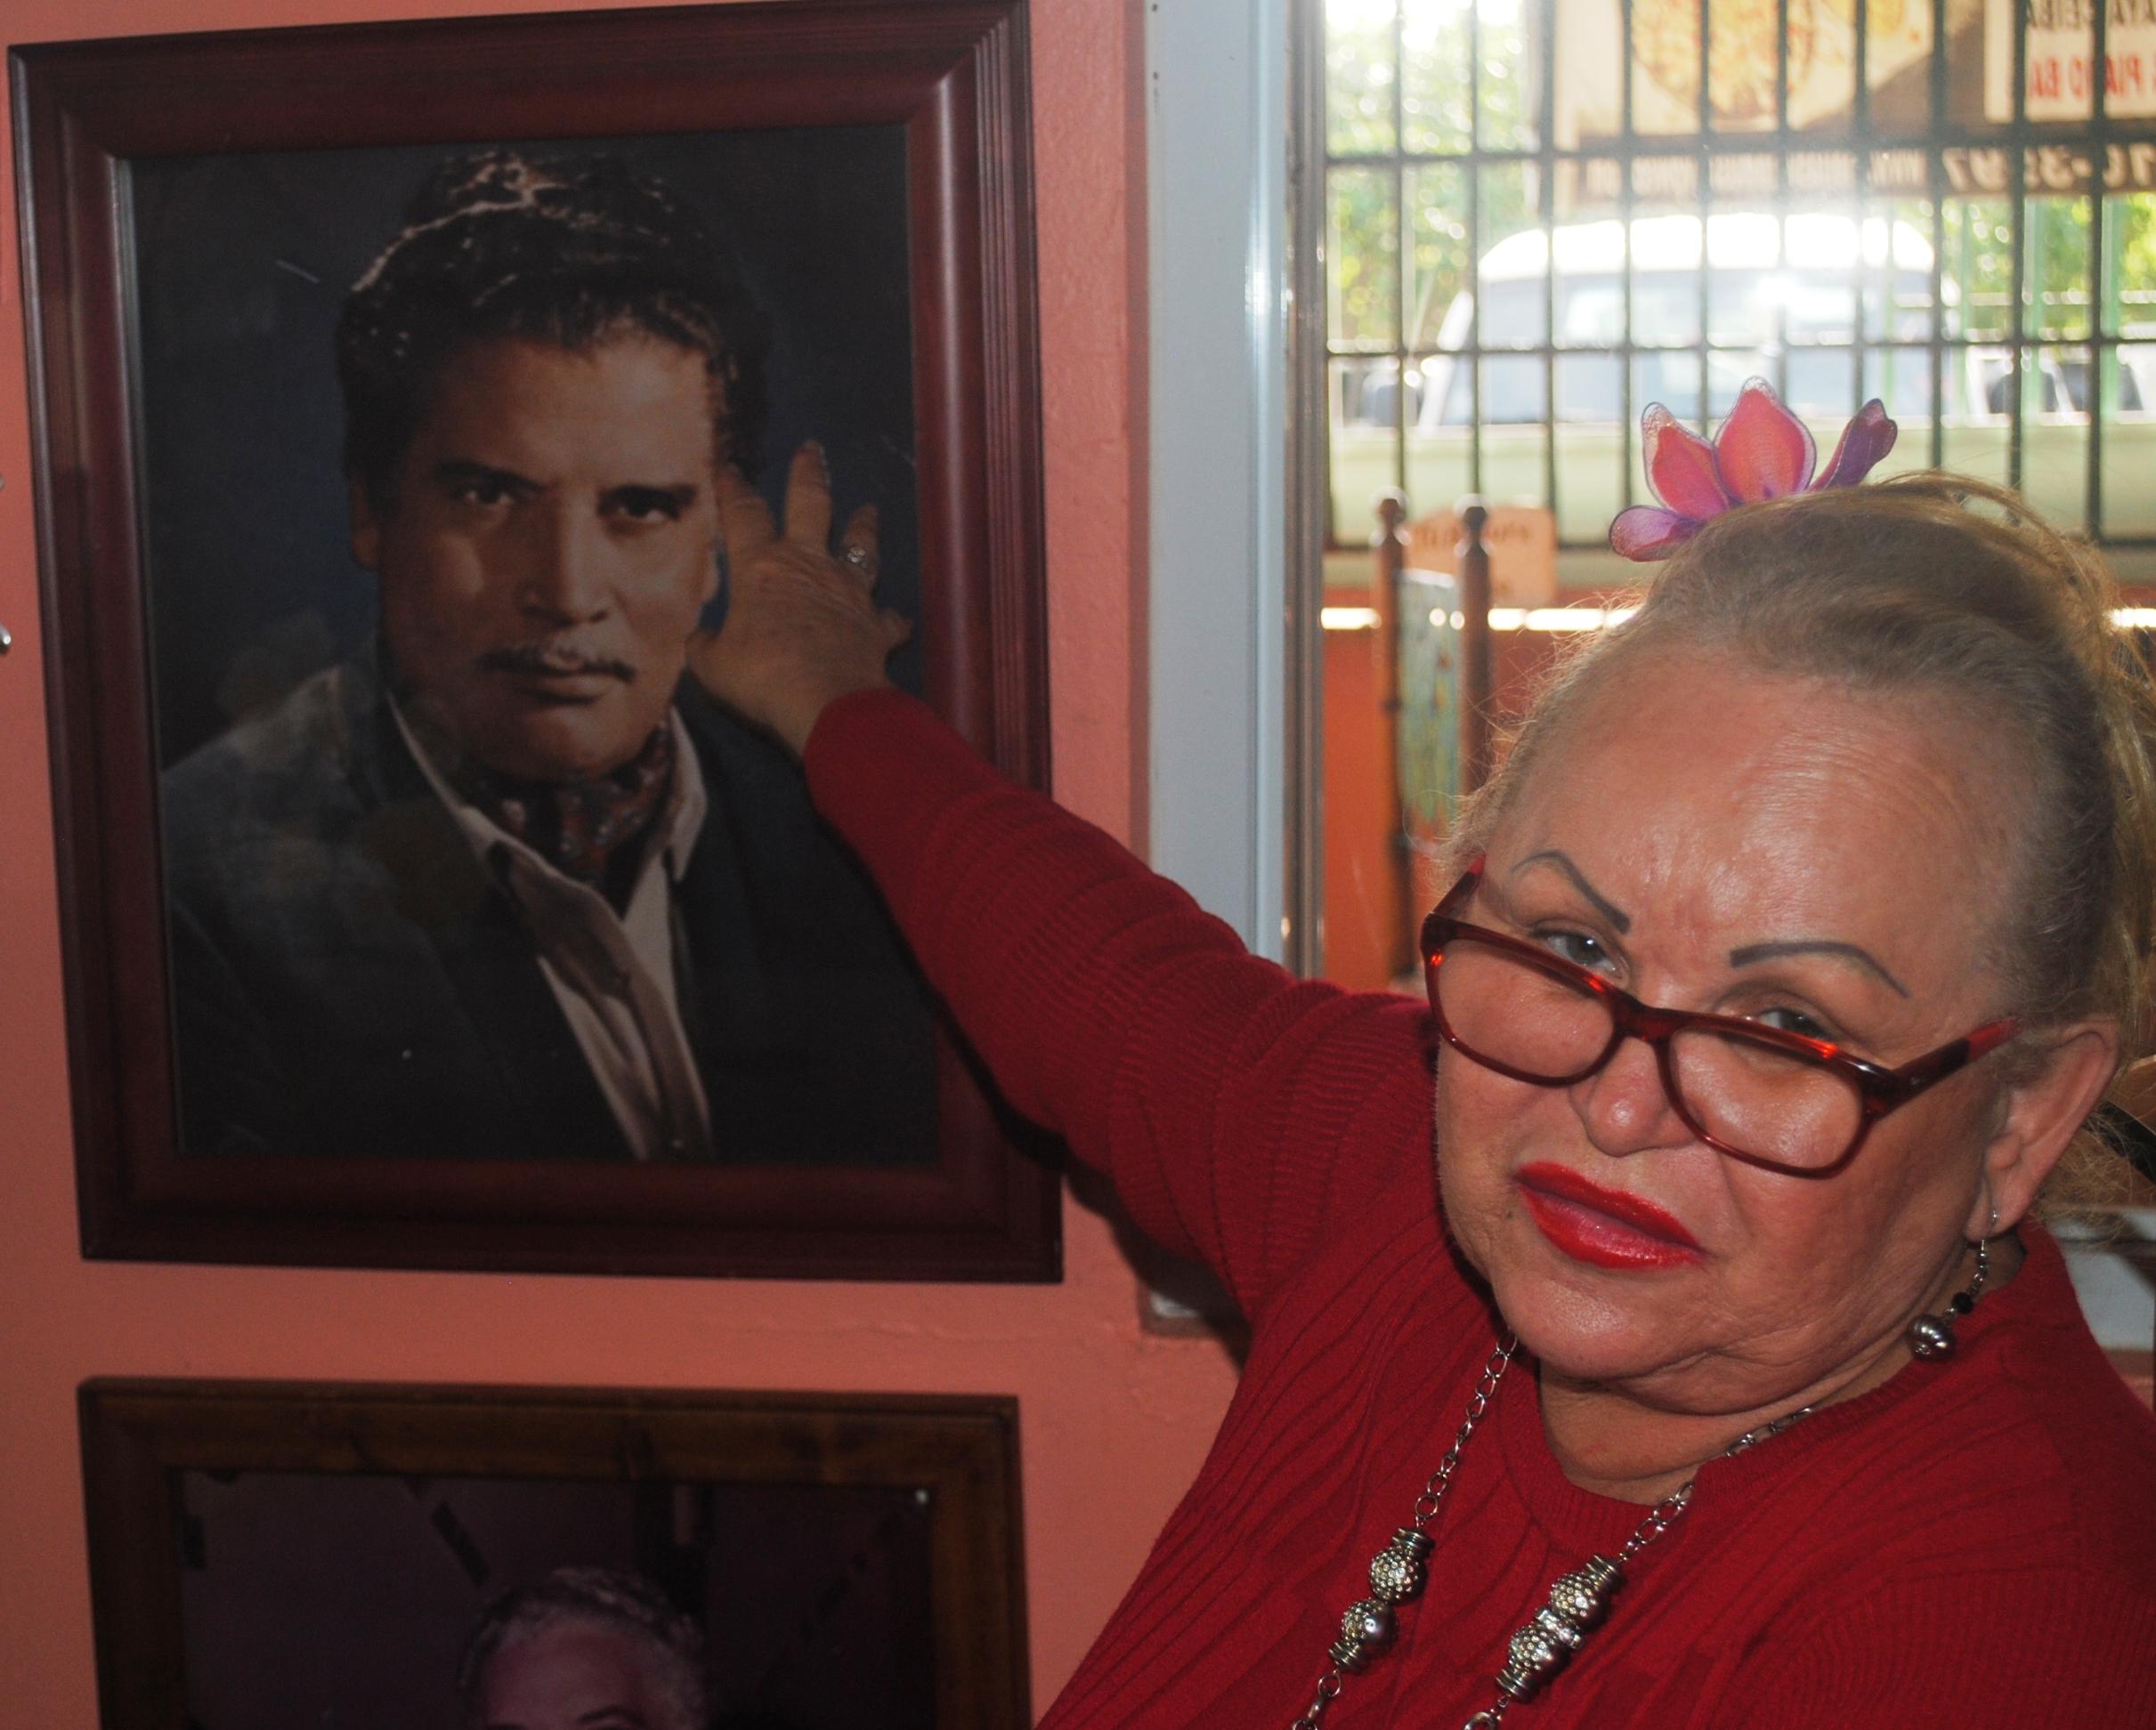 Decenas de fotos de Daniel Santos adornan las paredes del local en el municipio de Ceiba. (Foto Jaime Torres Torres para Fundación Nacional para la Cultura Popular)